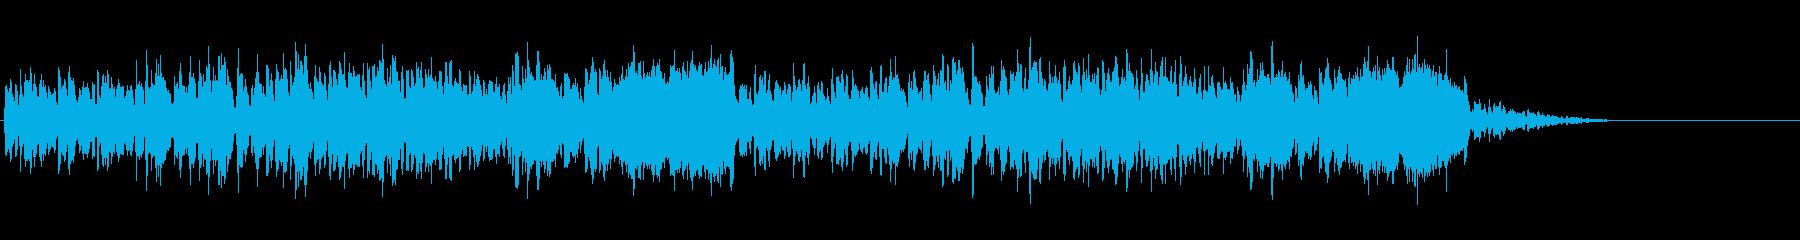 採掘/鉱山/山/ドワーフの再生済みの波形